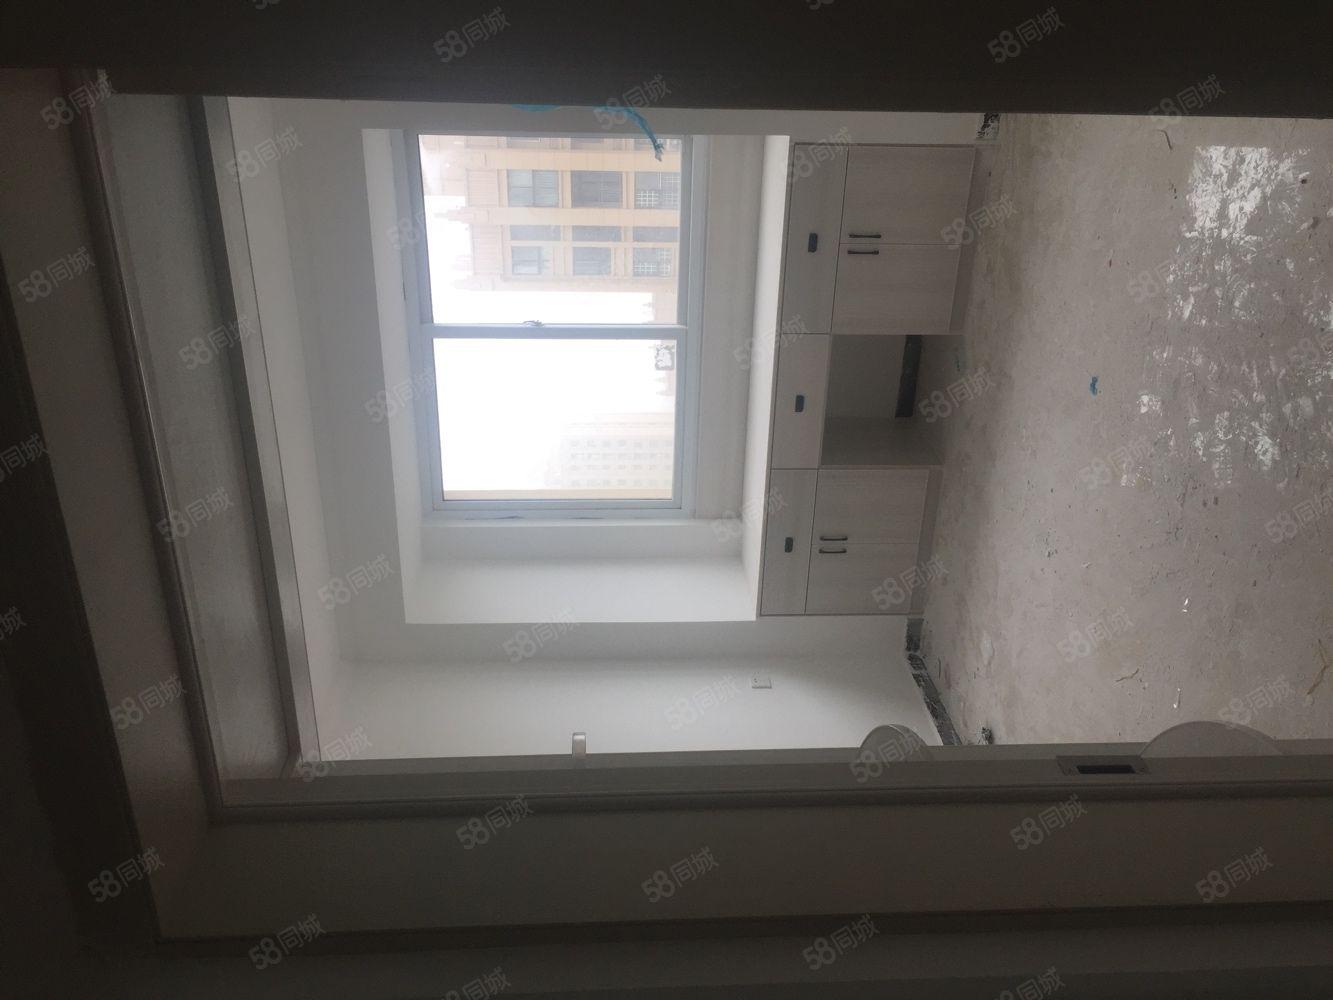 日月星城4房出租裝修好空房,配東西另議